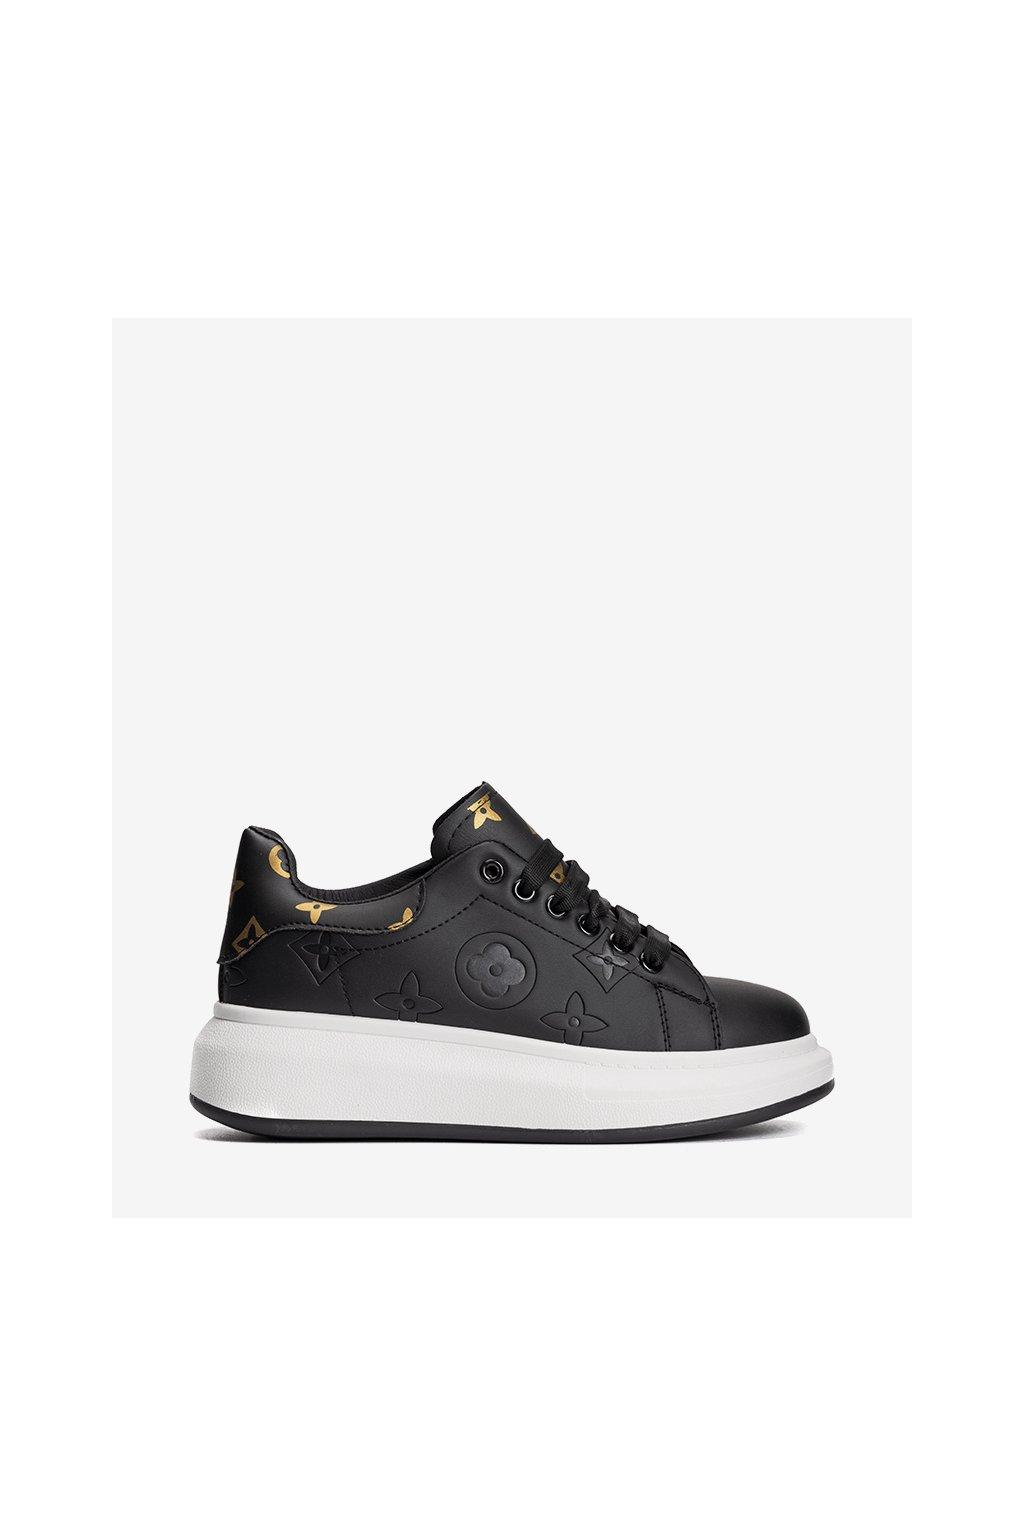 Dámske topánky tenisky čierne kód HBD26 - GM